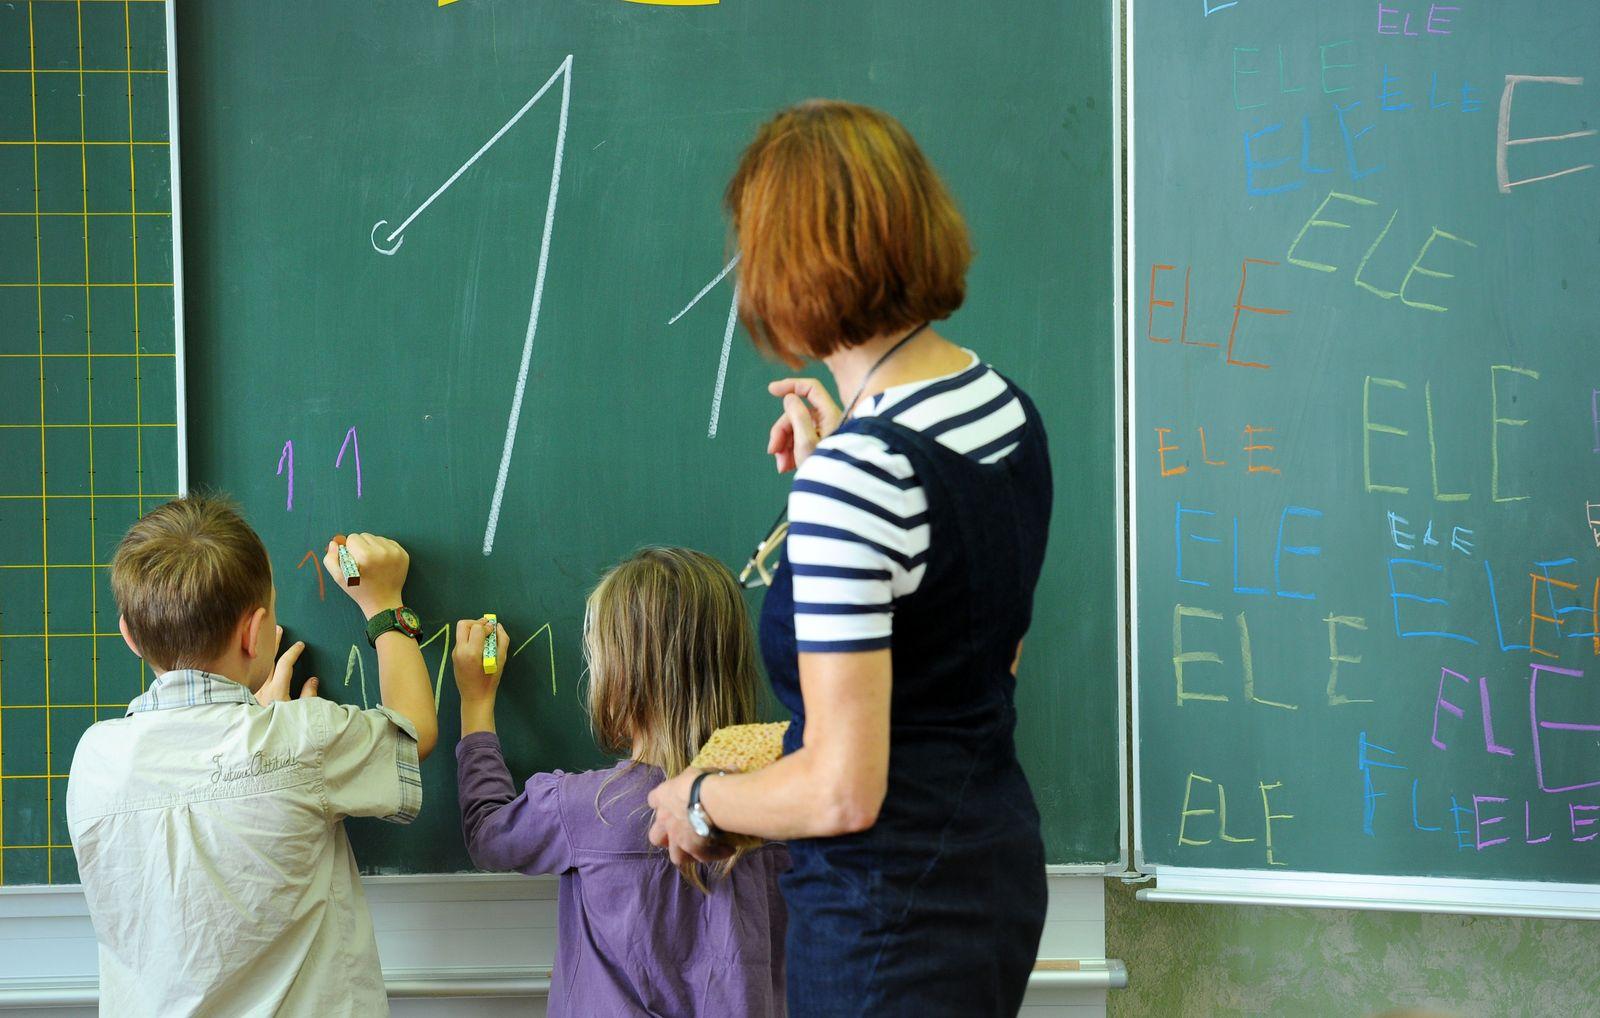 Schüler / Junge / Mädchen / Lehrer